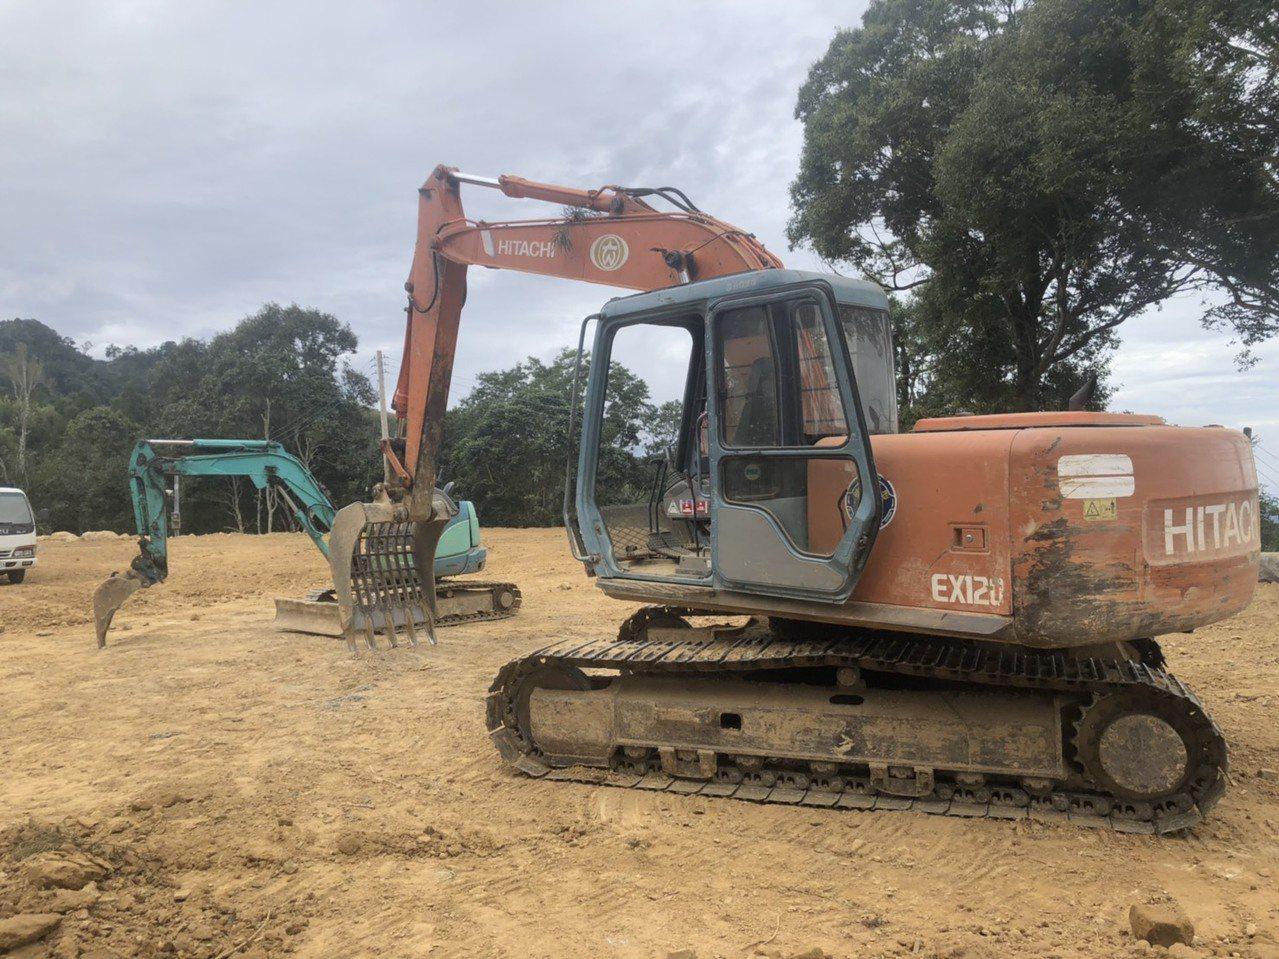 新竹縣尖石鄉傳山坡地非法開挖,橫山警分局昨天會同農業處等現地會勘,發現有挖土機正...